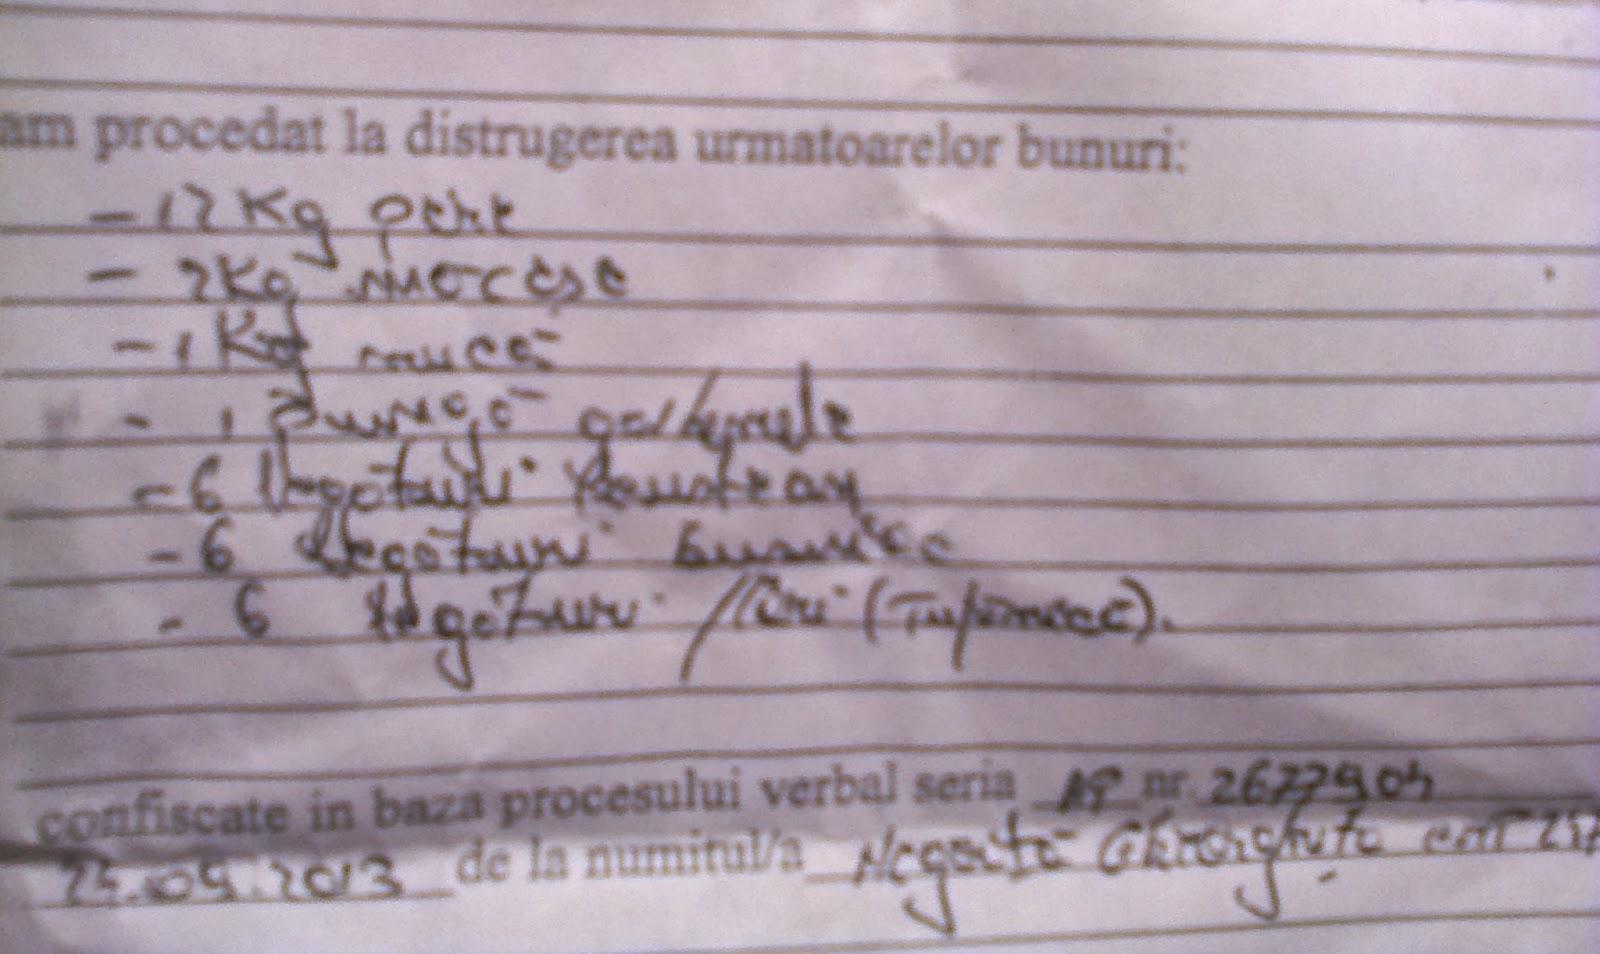 Ordinea pe care înțeleg autoritățile să o exercite în raport cu România reală (Cotidianul, 28 sept.)